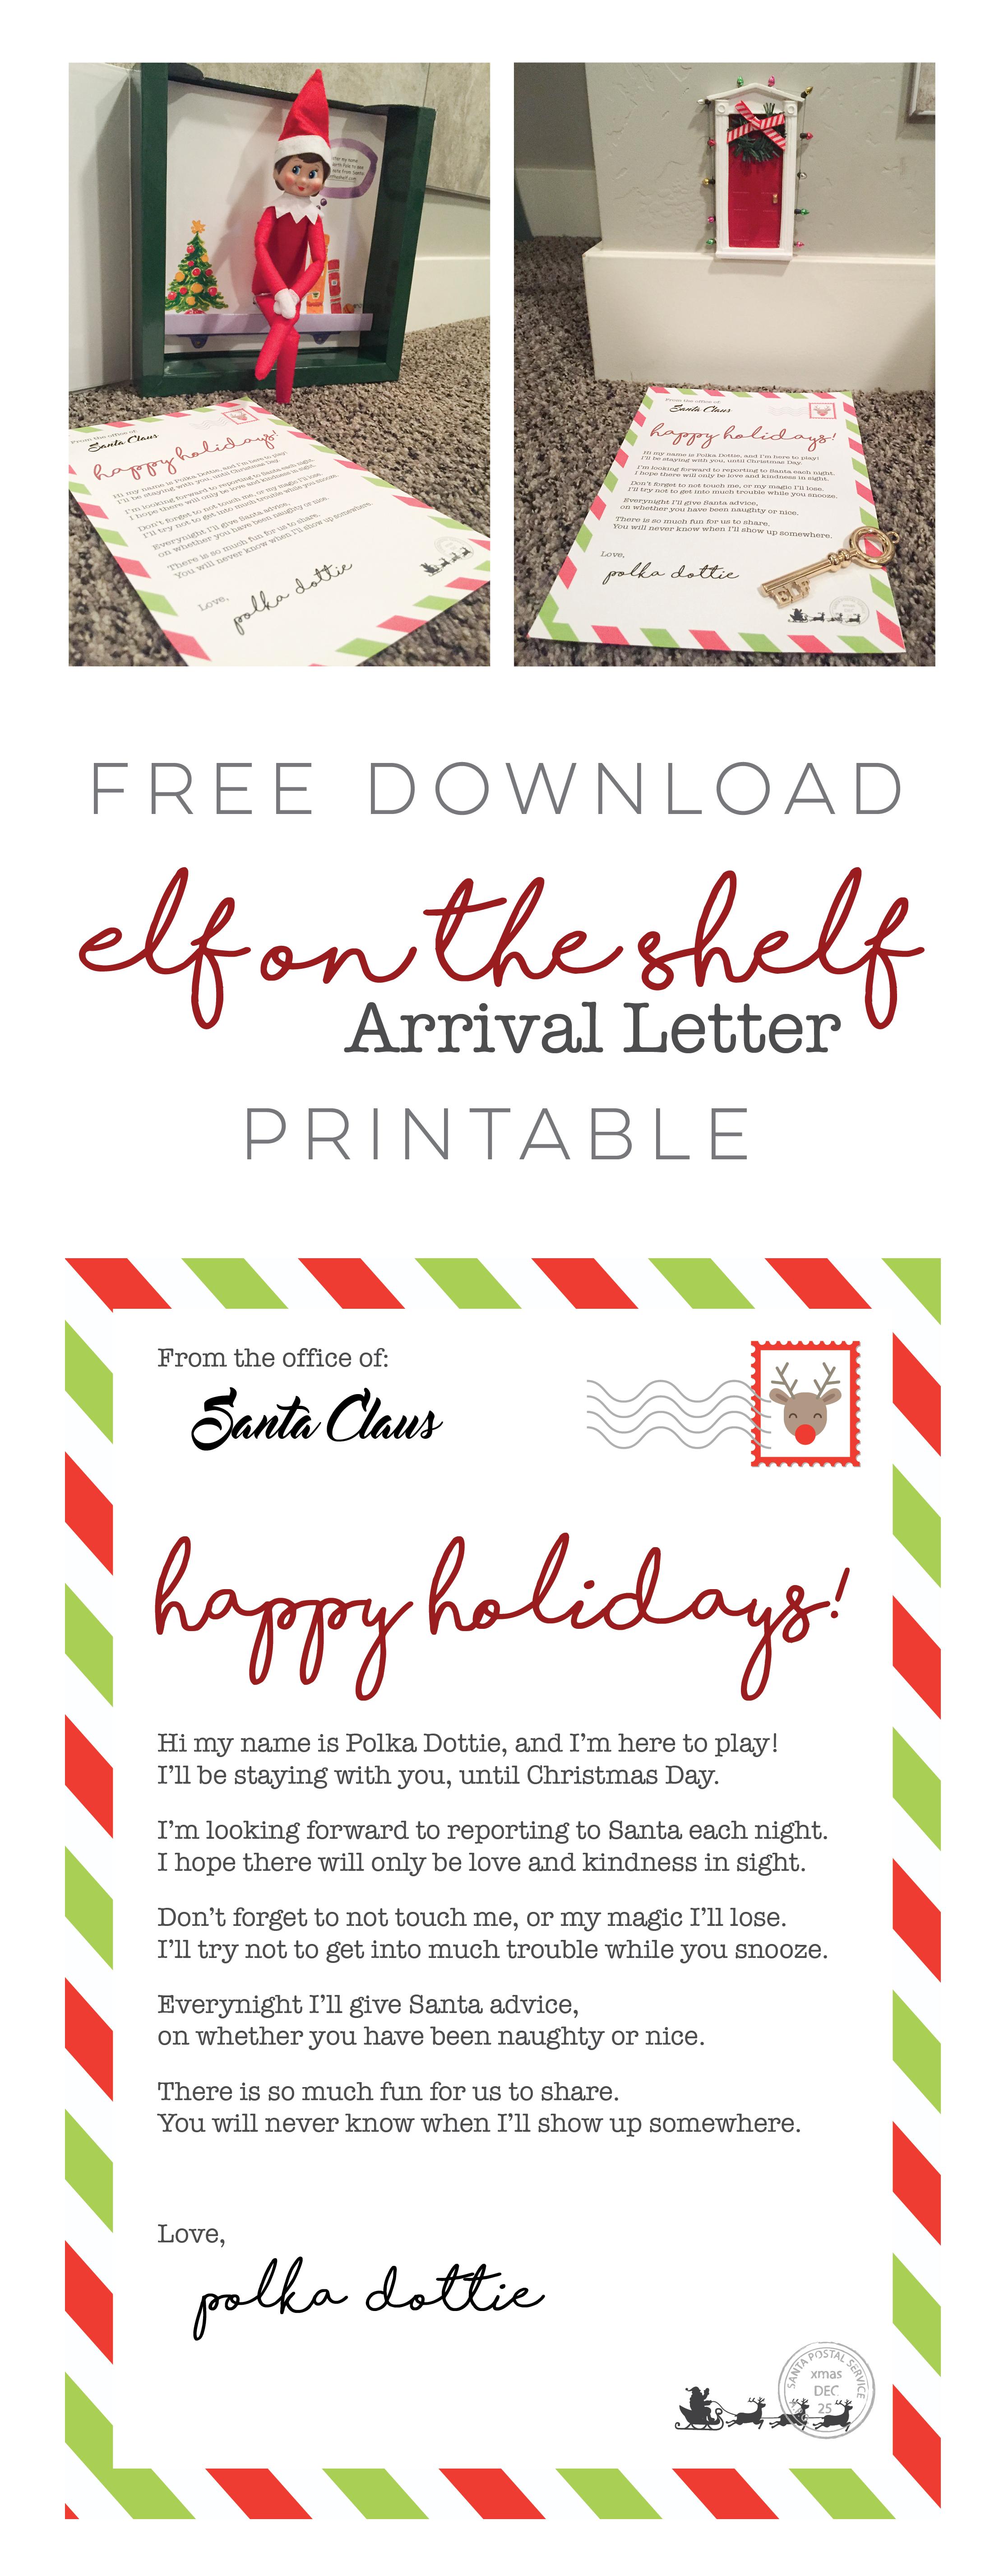 Elf On The Shelf - Arrival Letter Free Download • Ali Brugman Blog - Free Printable Elf On Shelf Arrival Letter